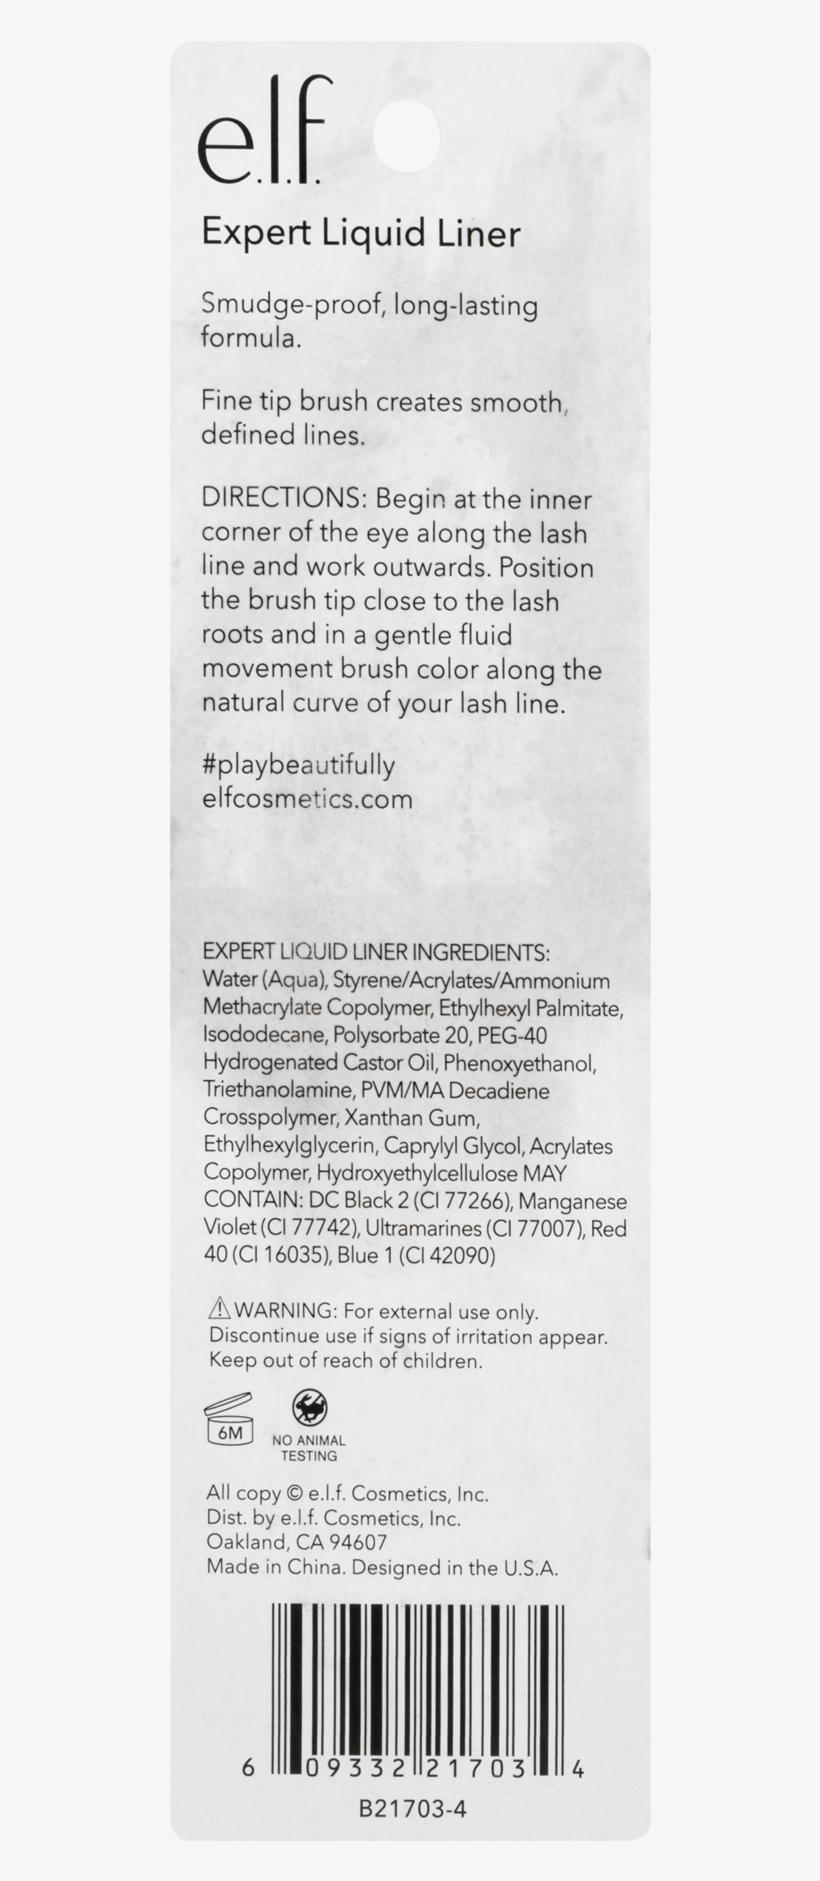 E.l.f. Essential Instant Lift Brow Pencil - Deep Brown, transparent png #2932093